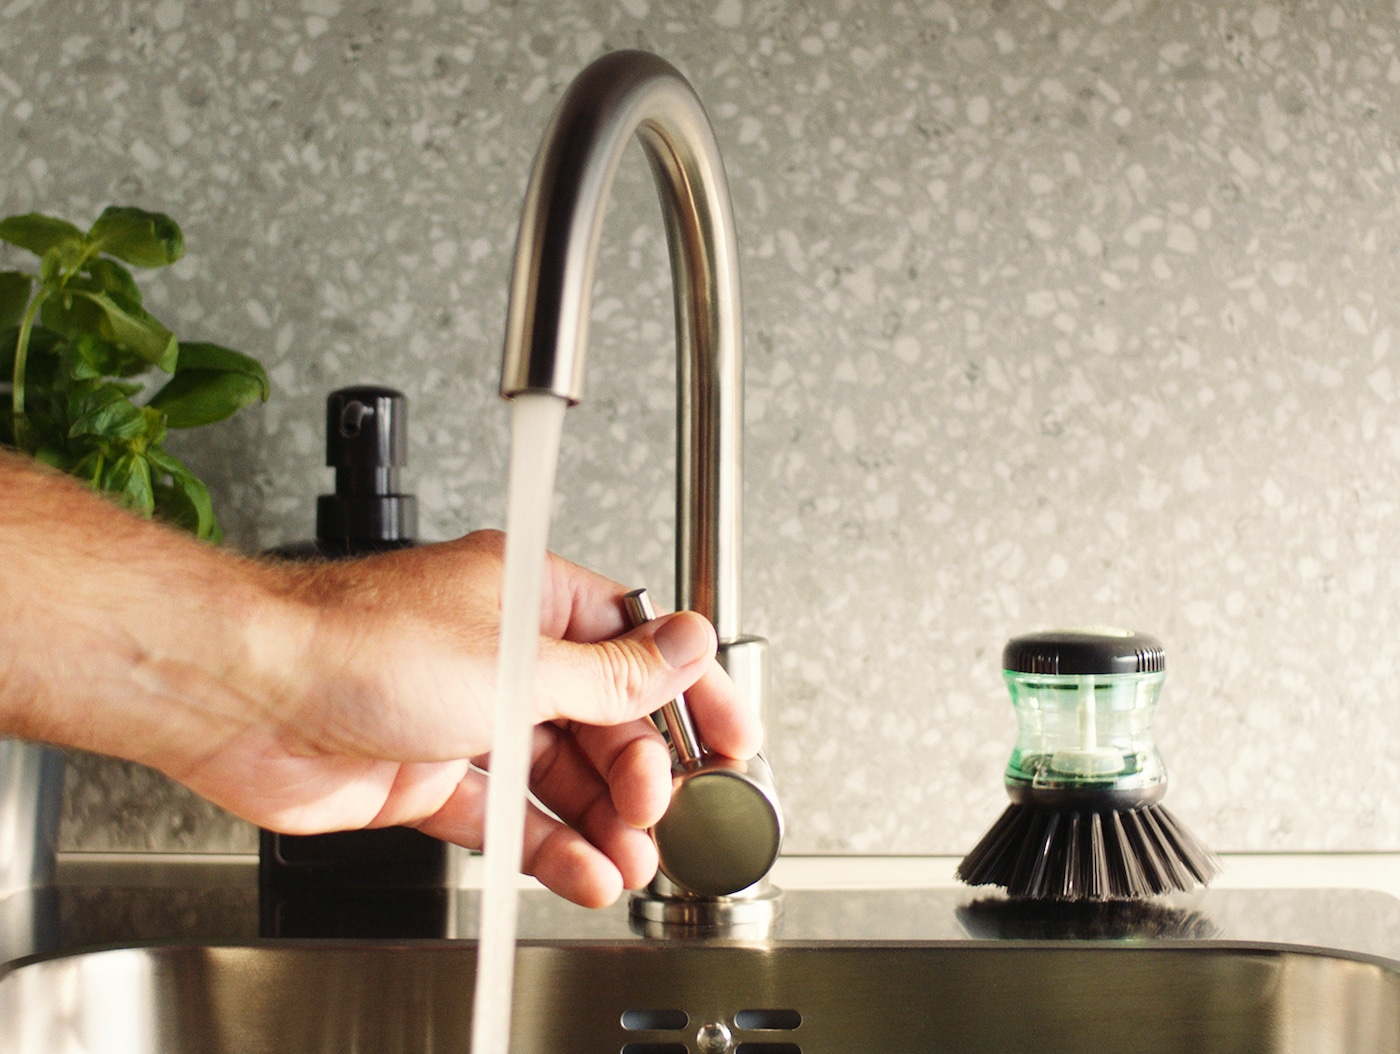 Egy kéz, amely éppen egy rozsdamentes GLYPEN konyhai keverőcsapon szabályozza a víz sugarát, mellette pedig egy TÅRTSMET mosogatókefe.